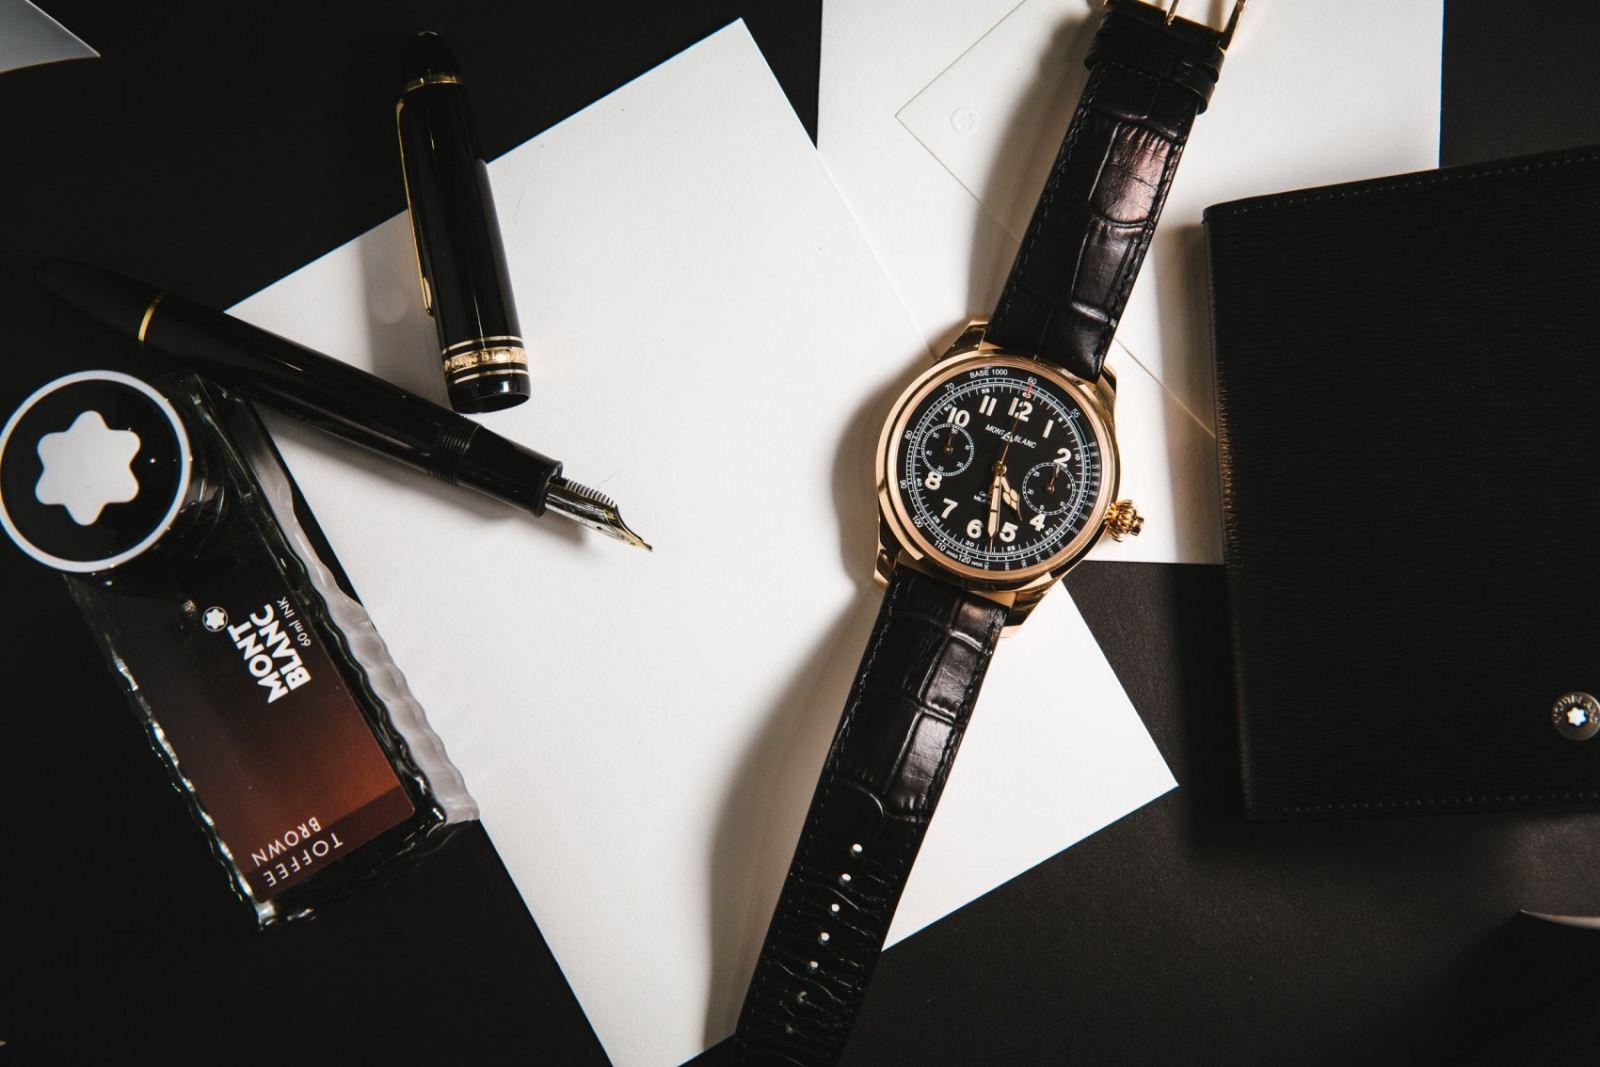 Lịch sử ngắn gọn về đồng hồ Montblanc